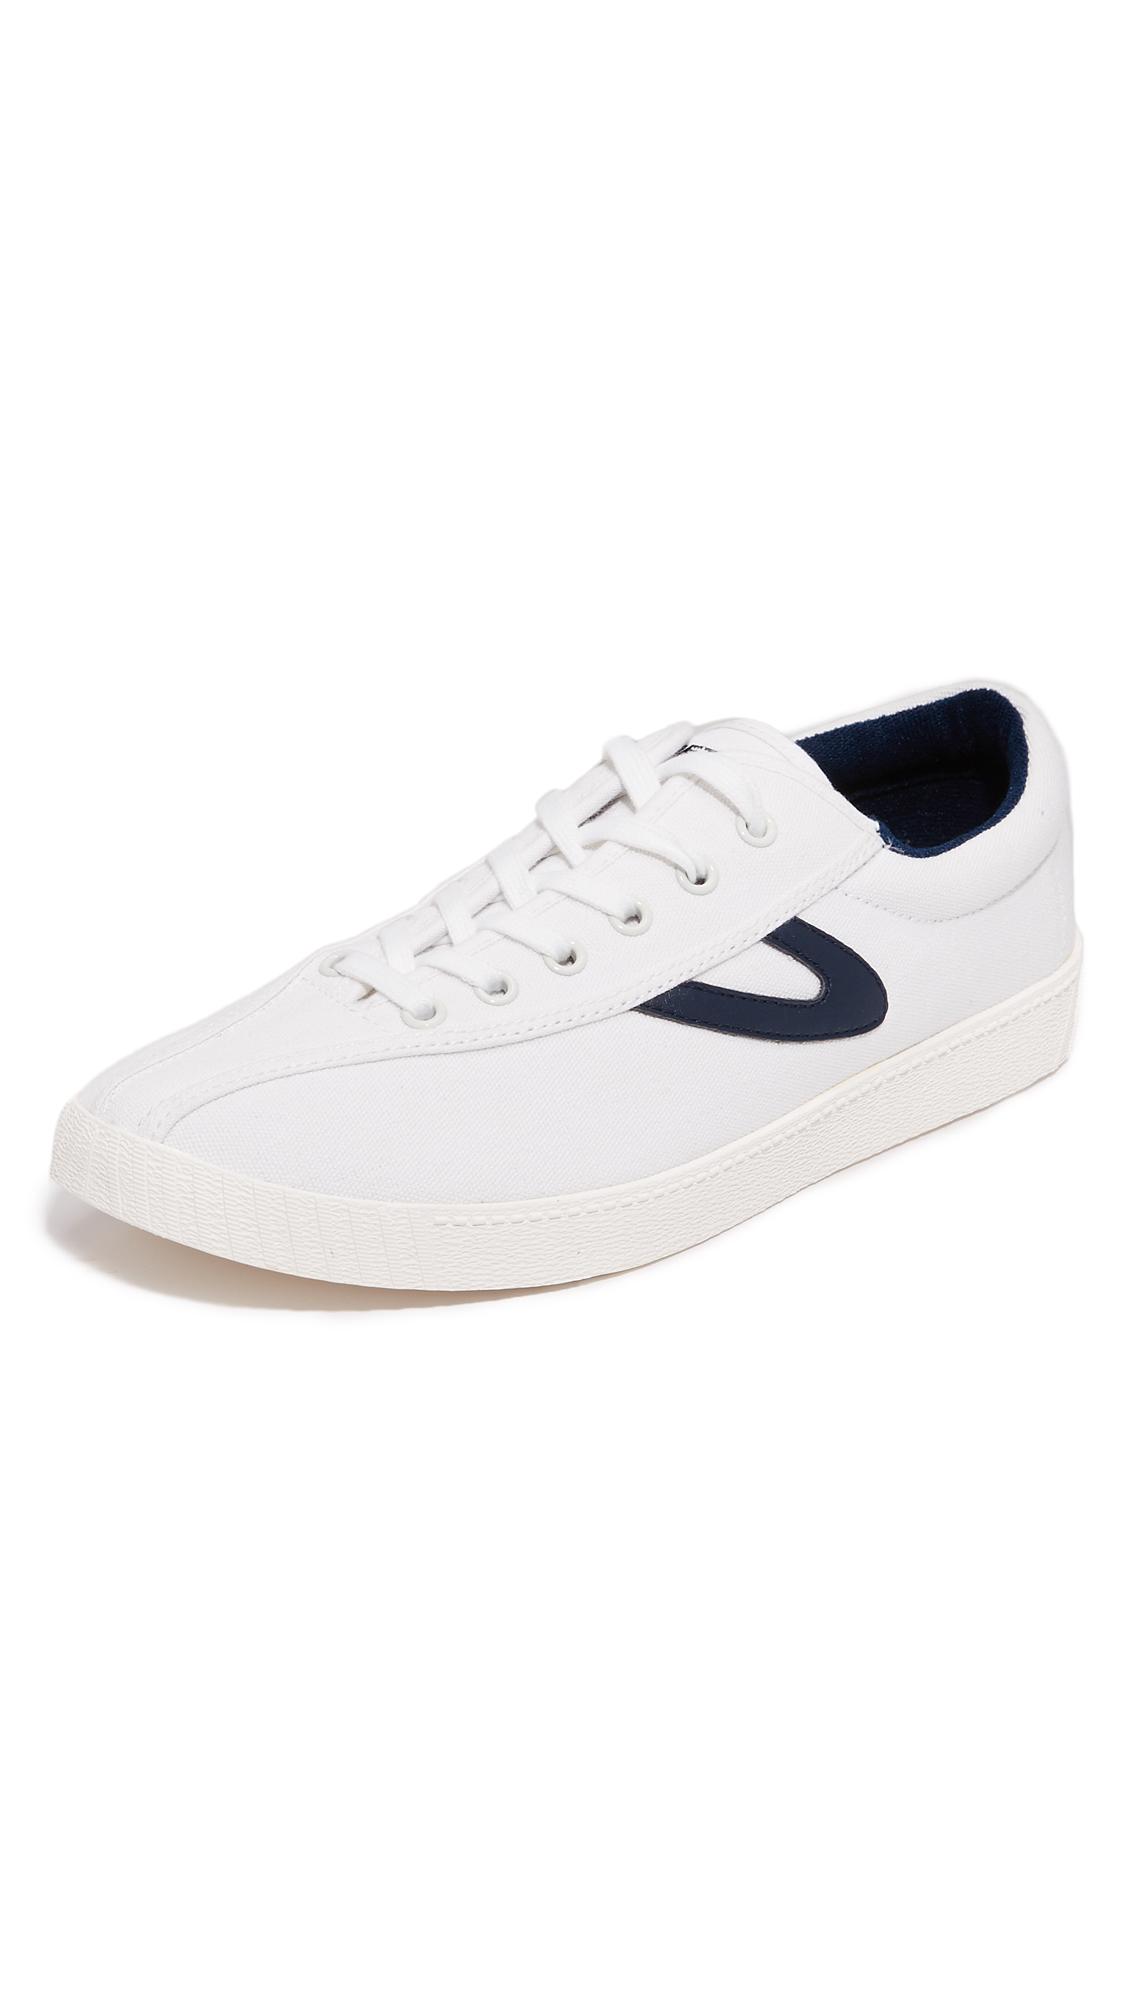 de2986b7e62 Tretorn Shoes